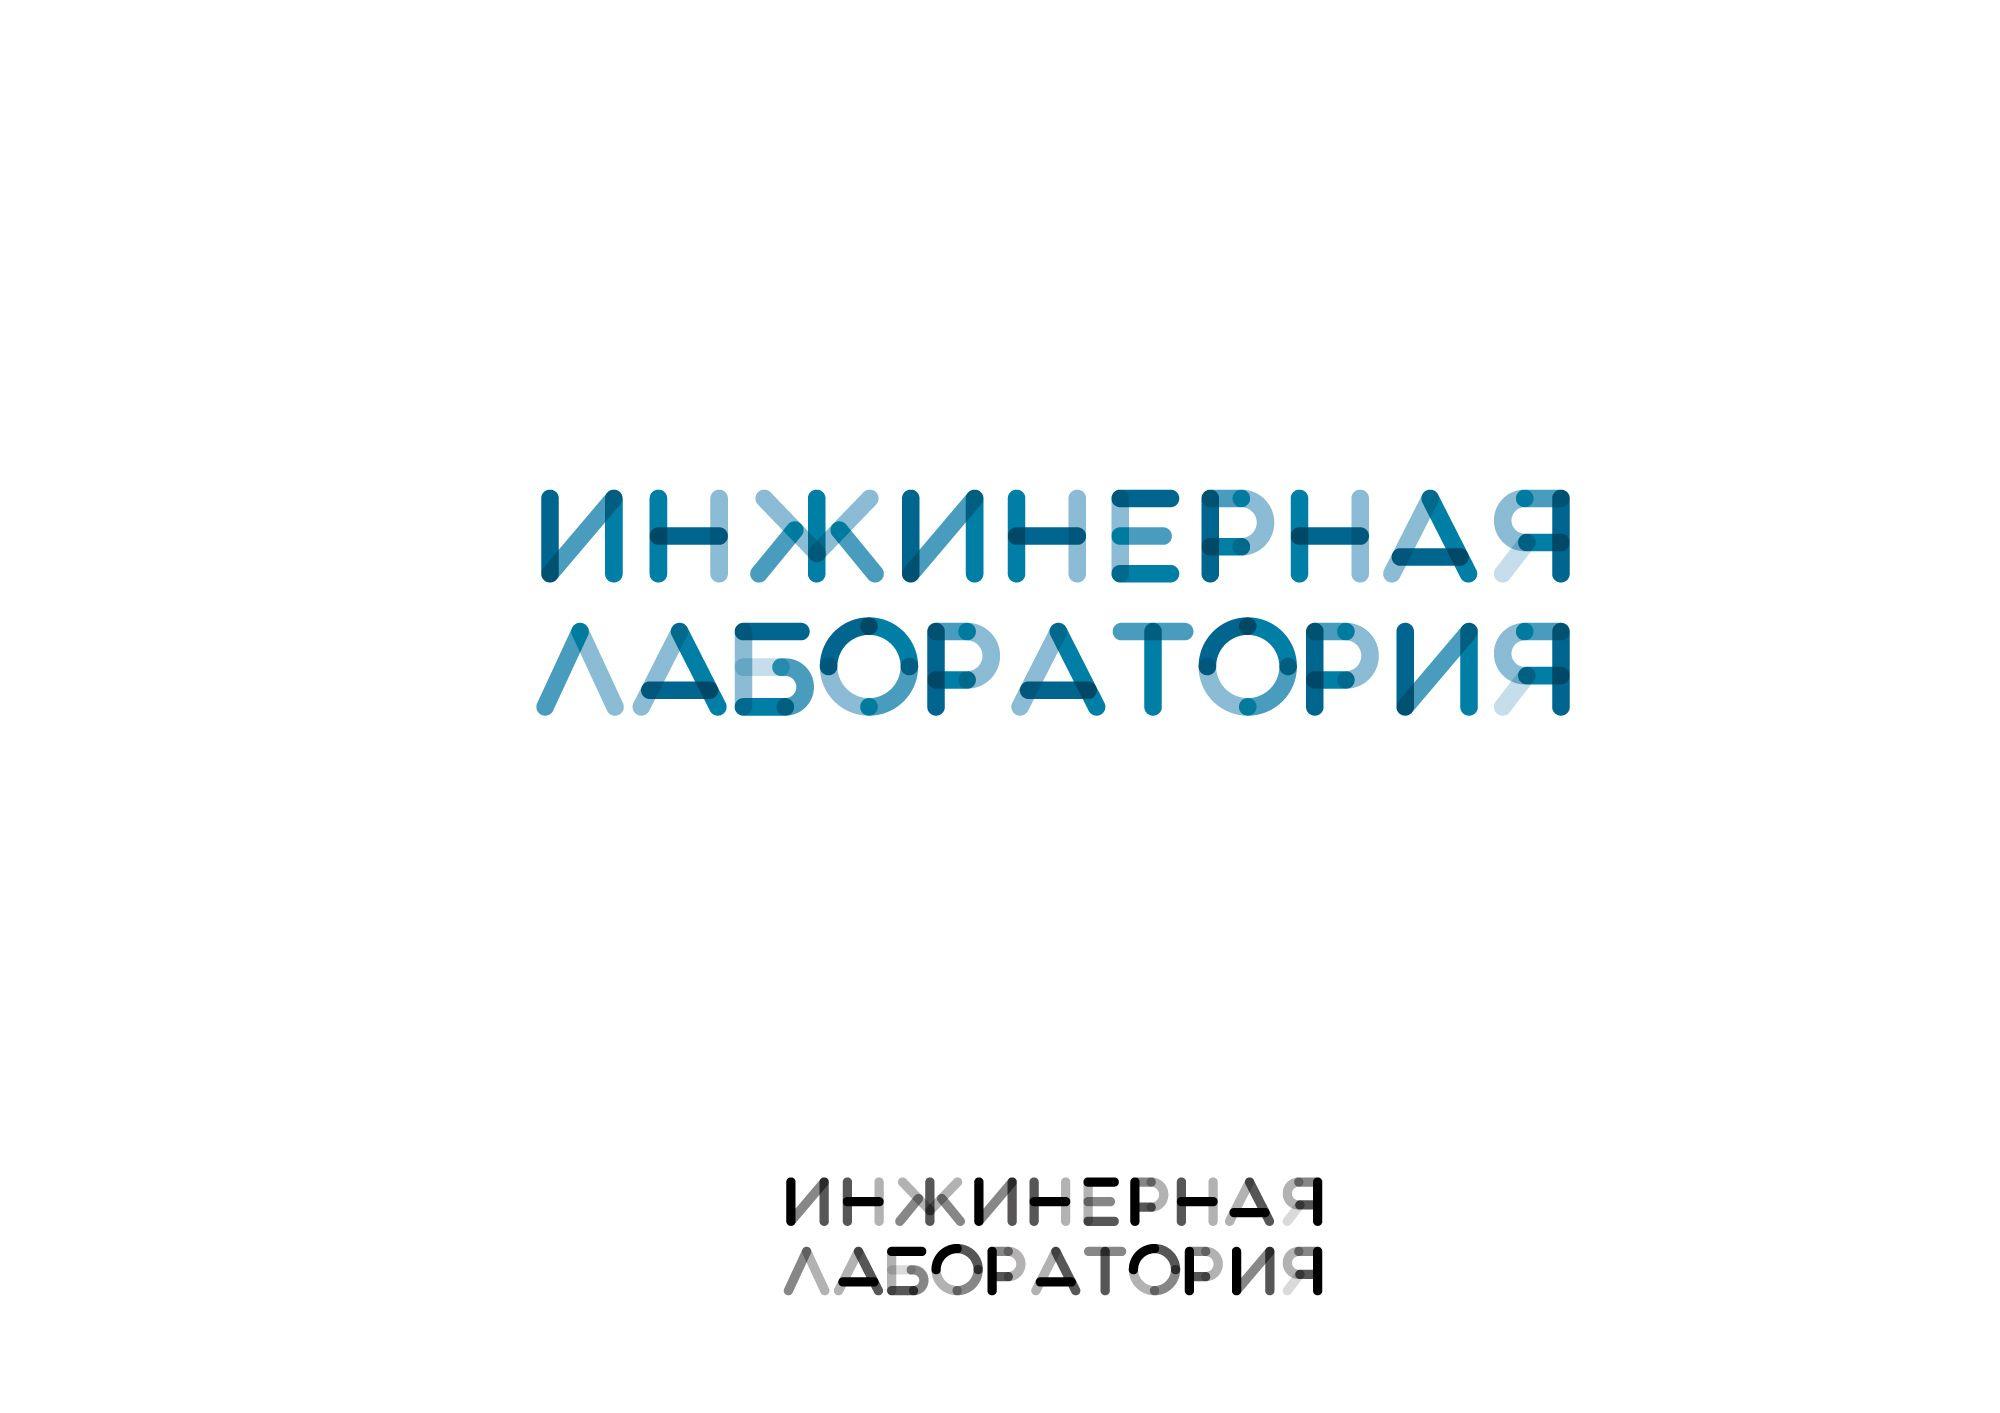 Лого и фирменный стиль для Инженерная лаборатория  - дизайнер setrone